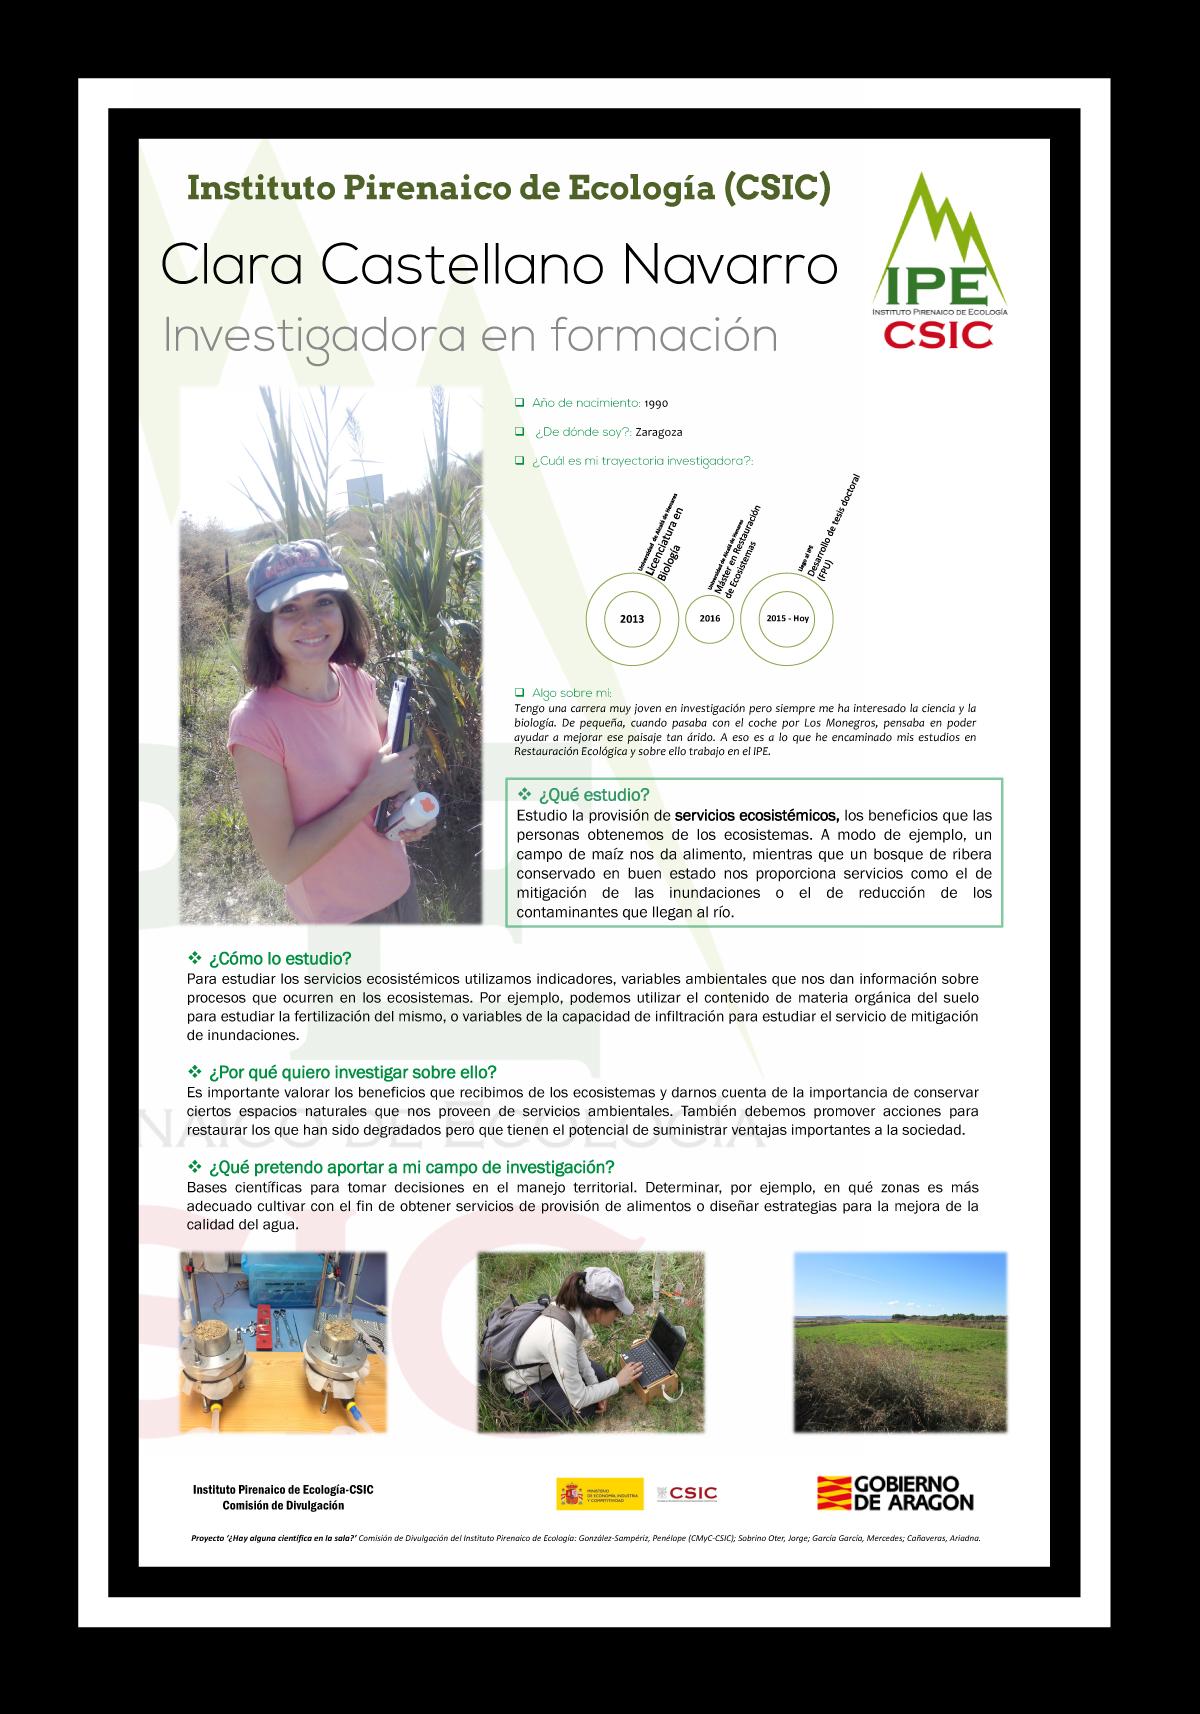 Clara Castellano Navarro